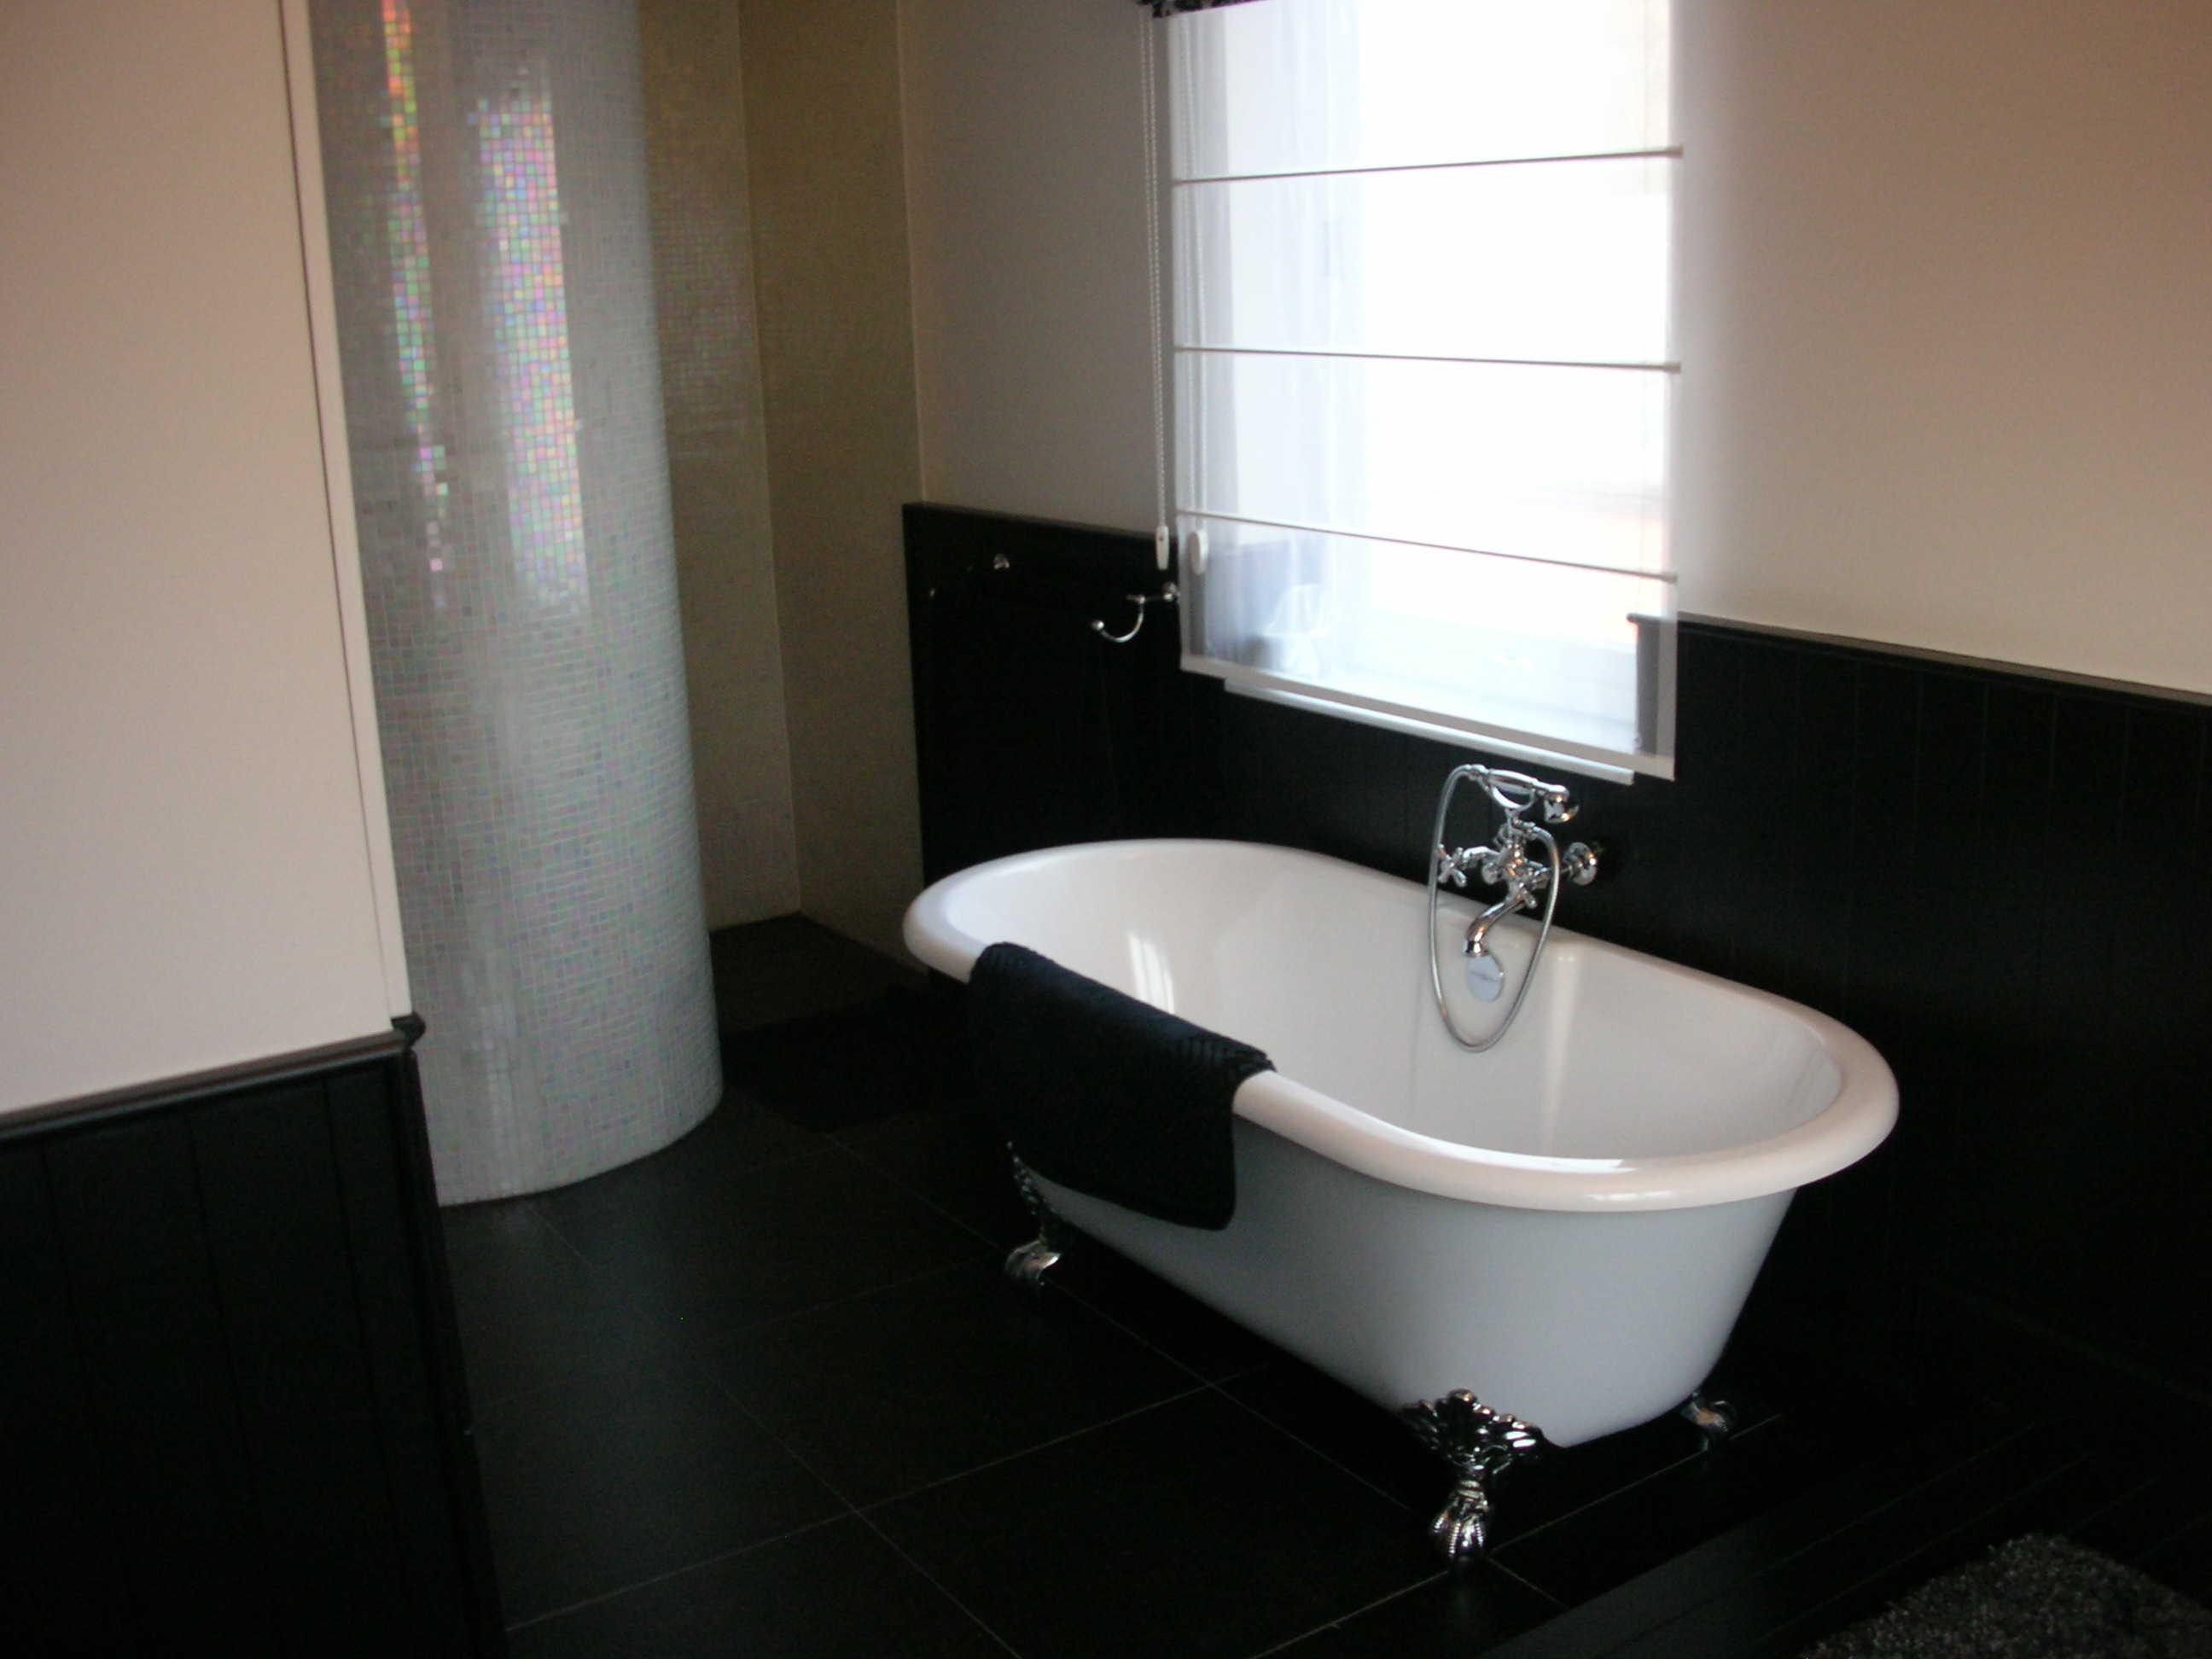 Badkamer in landelijke stijl Genk   IDEE-M interieurarchitecten Limburg